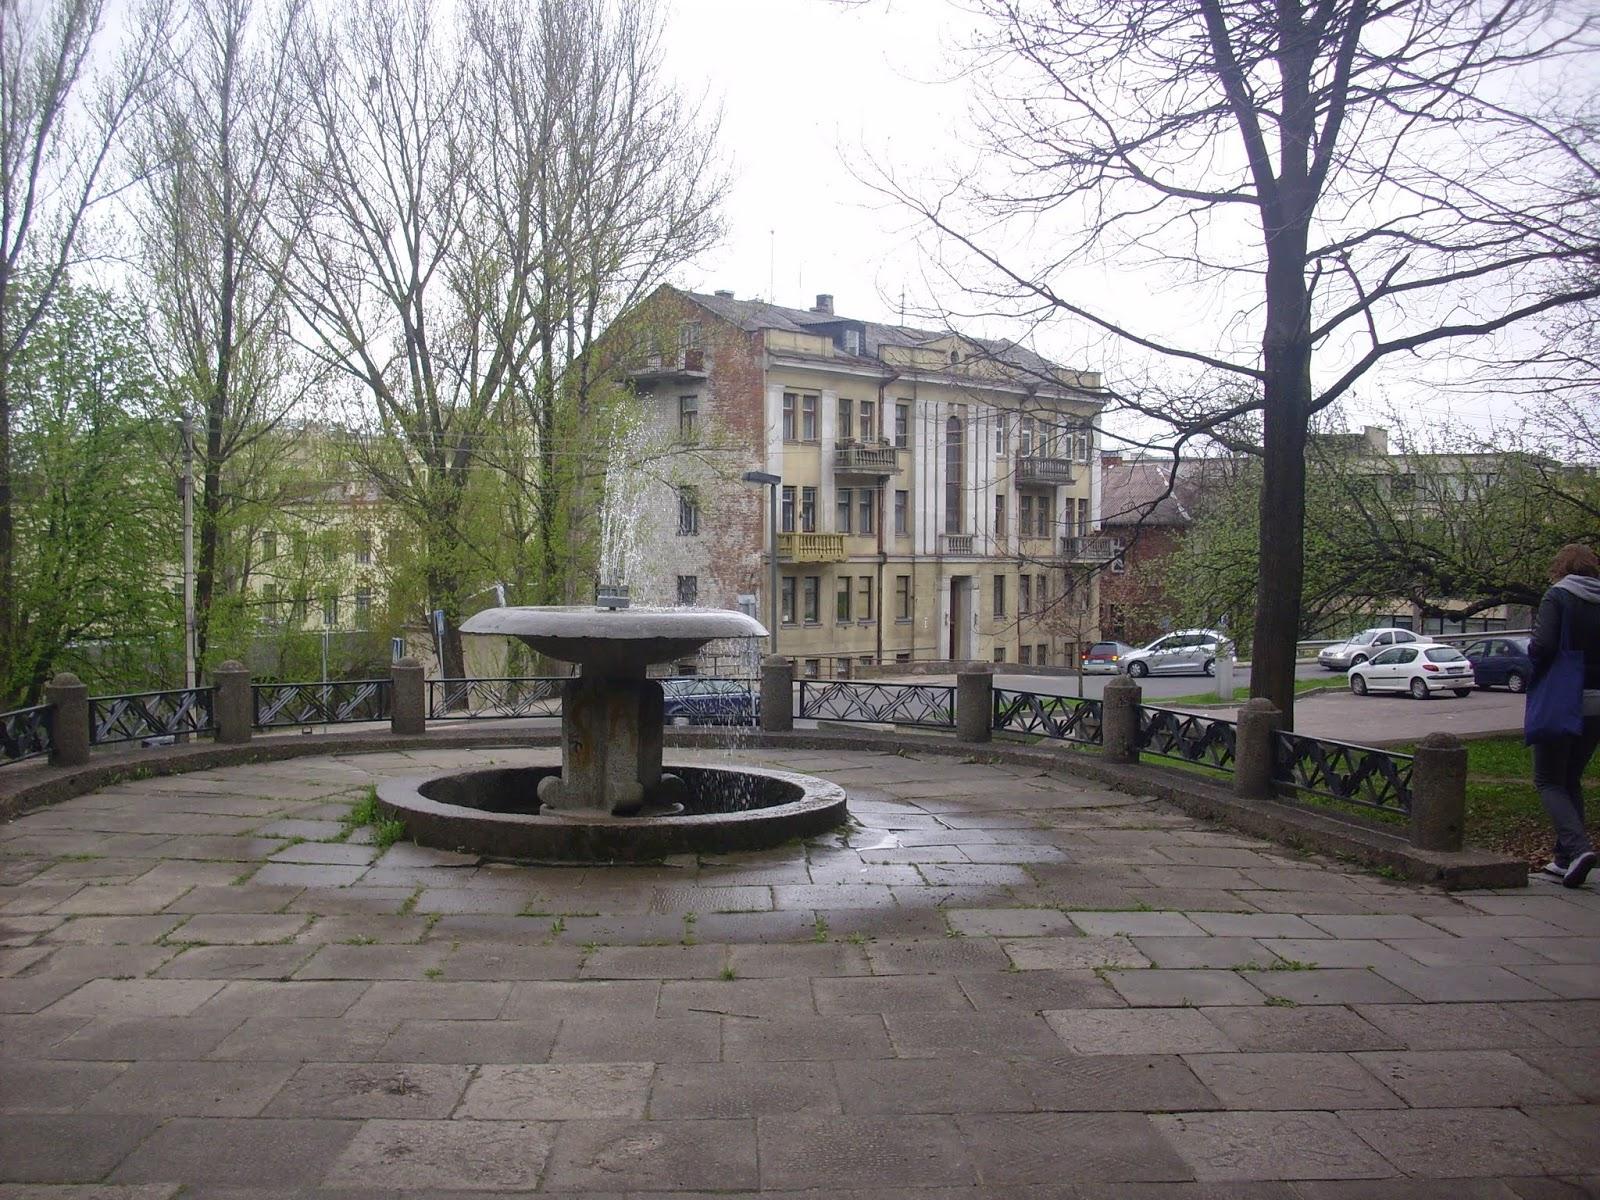 Fuente y parque de Kaunas